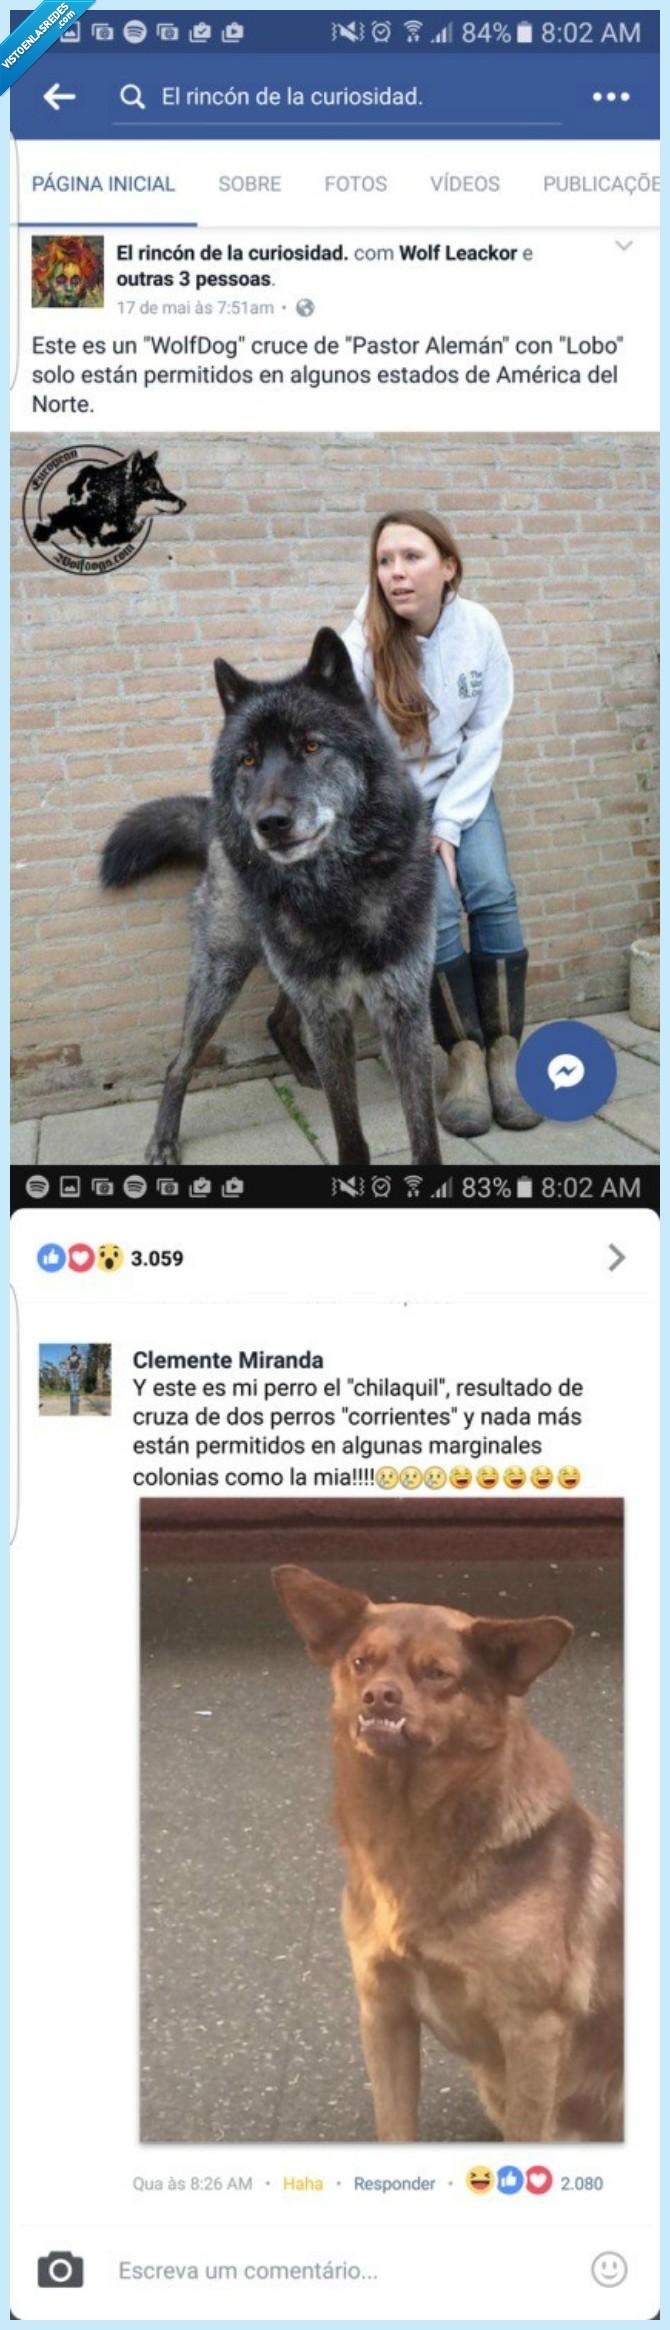 chilaquil,feo,perro